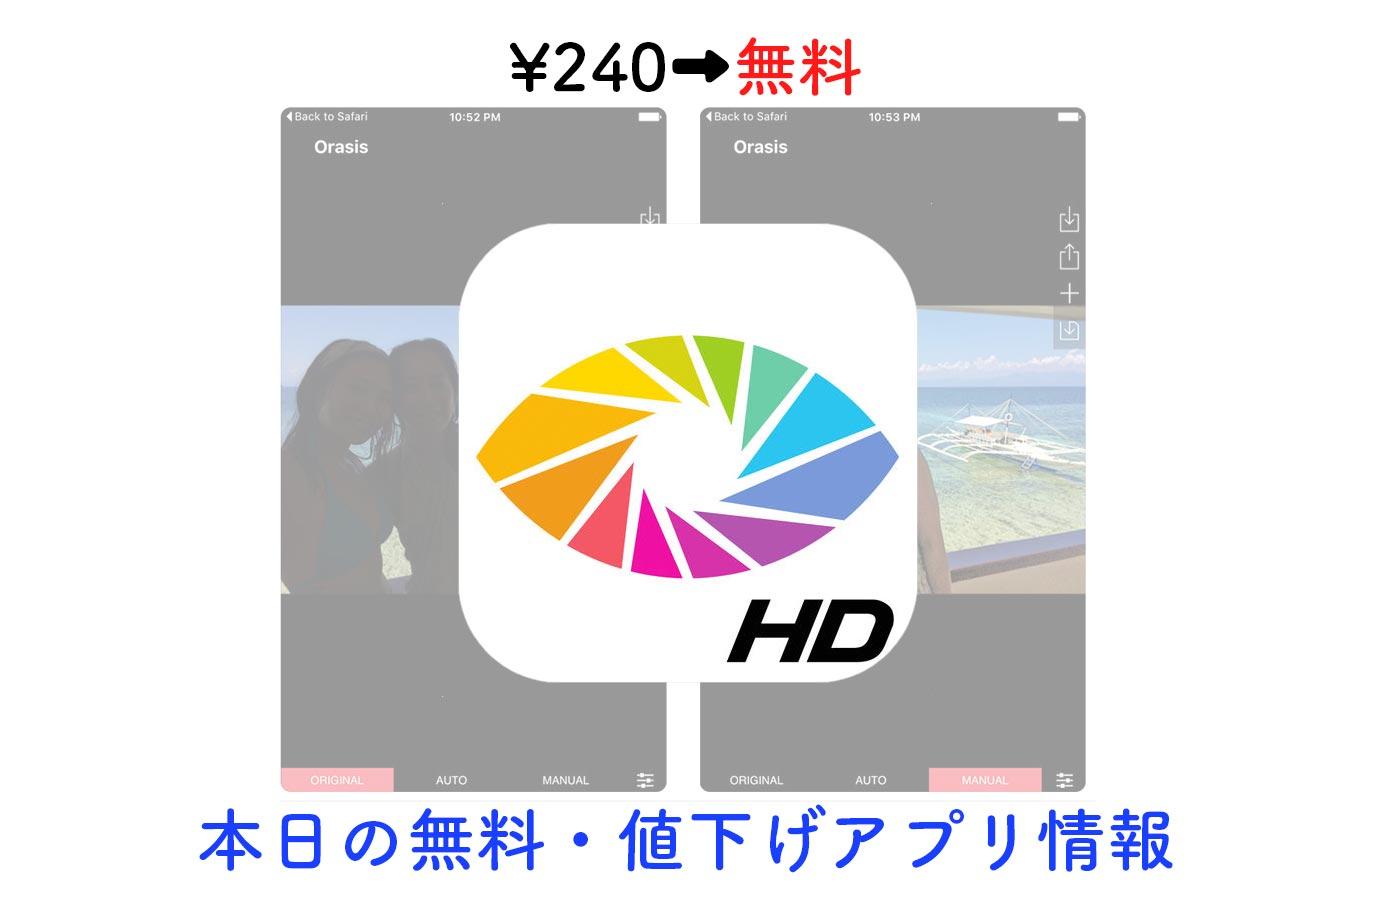 ¥240→無料、逆光写真をキレイに補正できる加工アプリ「OrasisHD」など【2/9】本日の無料・値下げアプリ情報